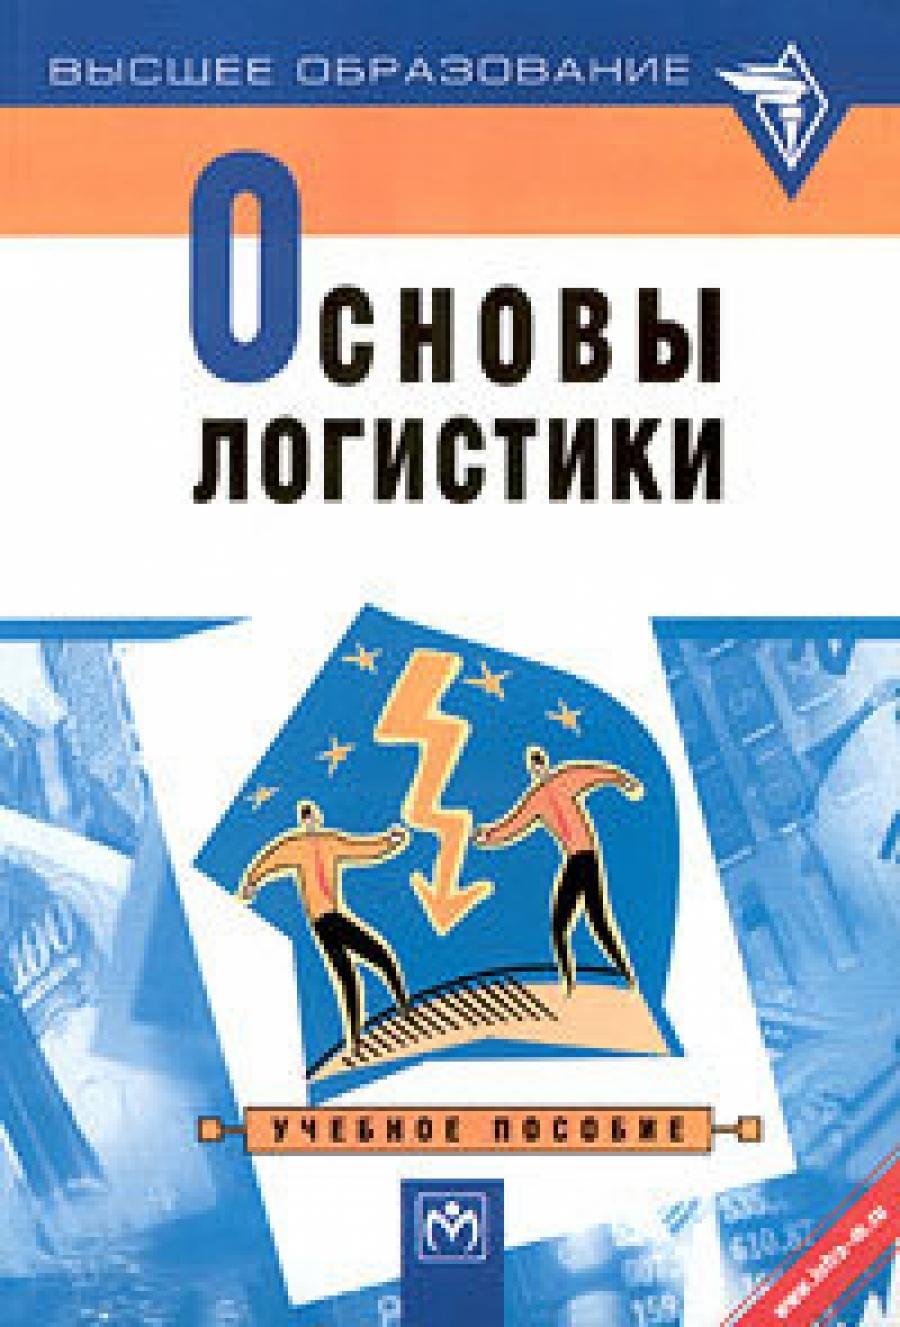 Обложка книги:  миротин л. б. , в. и. сергеев - основы логистики